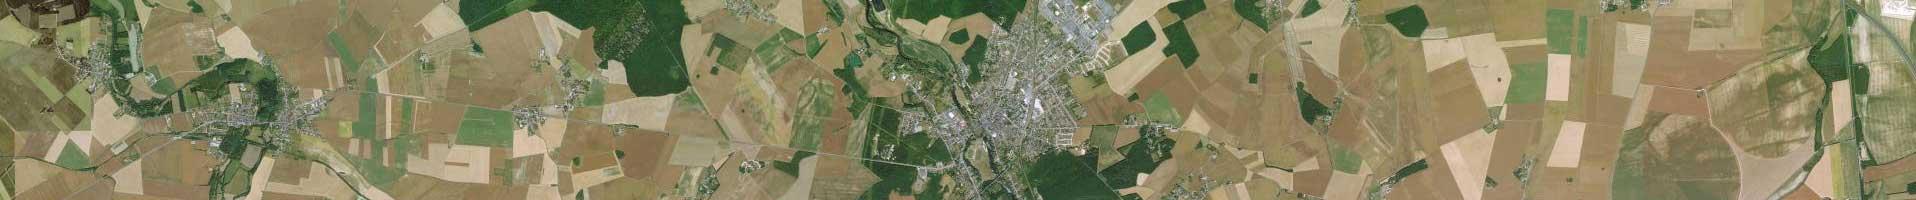 Photo aérienne IGN 3e niveau d'agrandissement